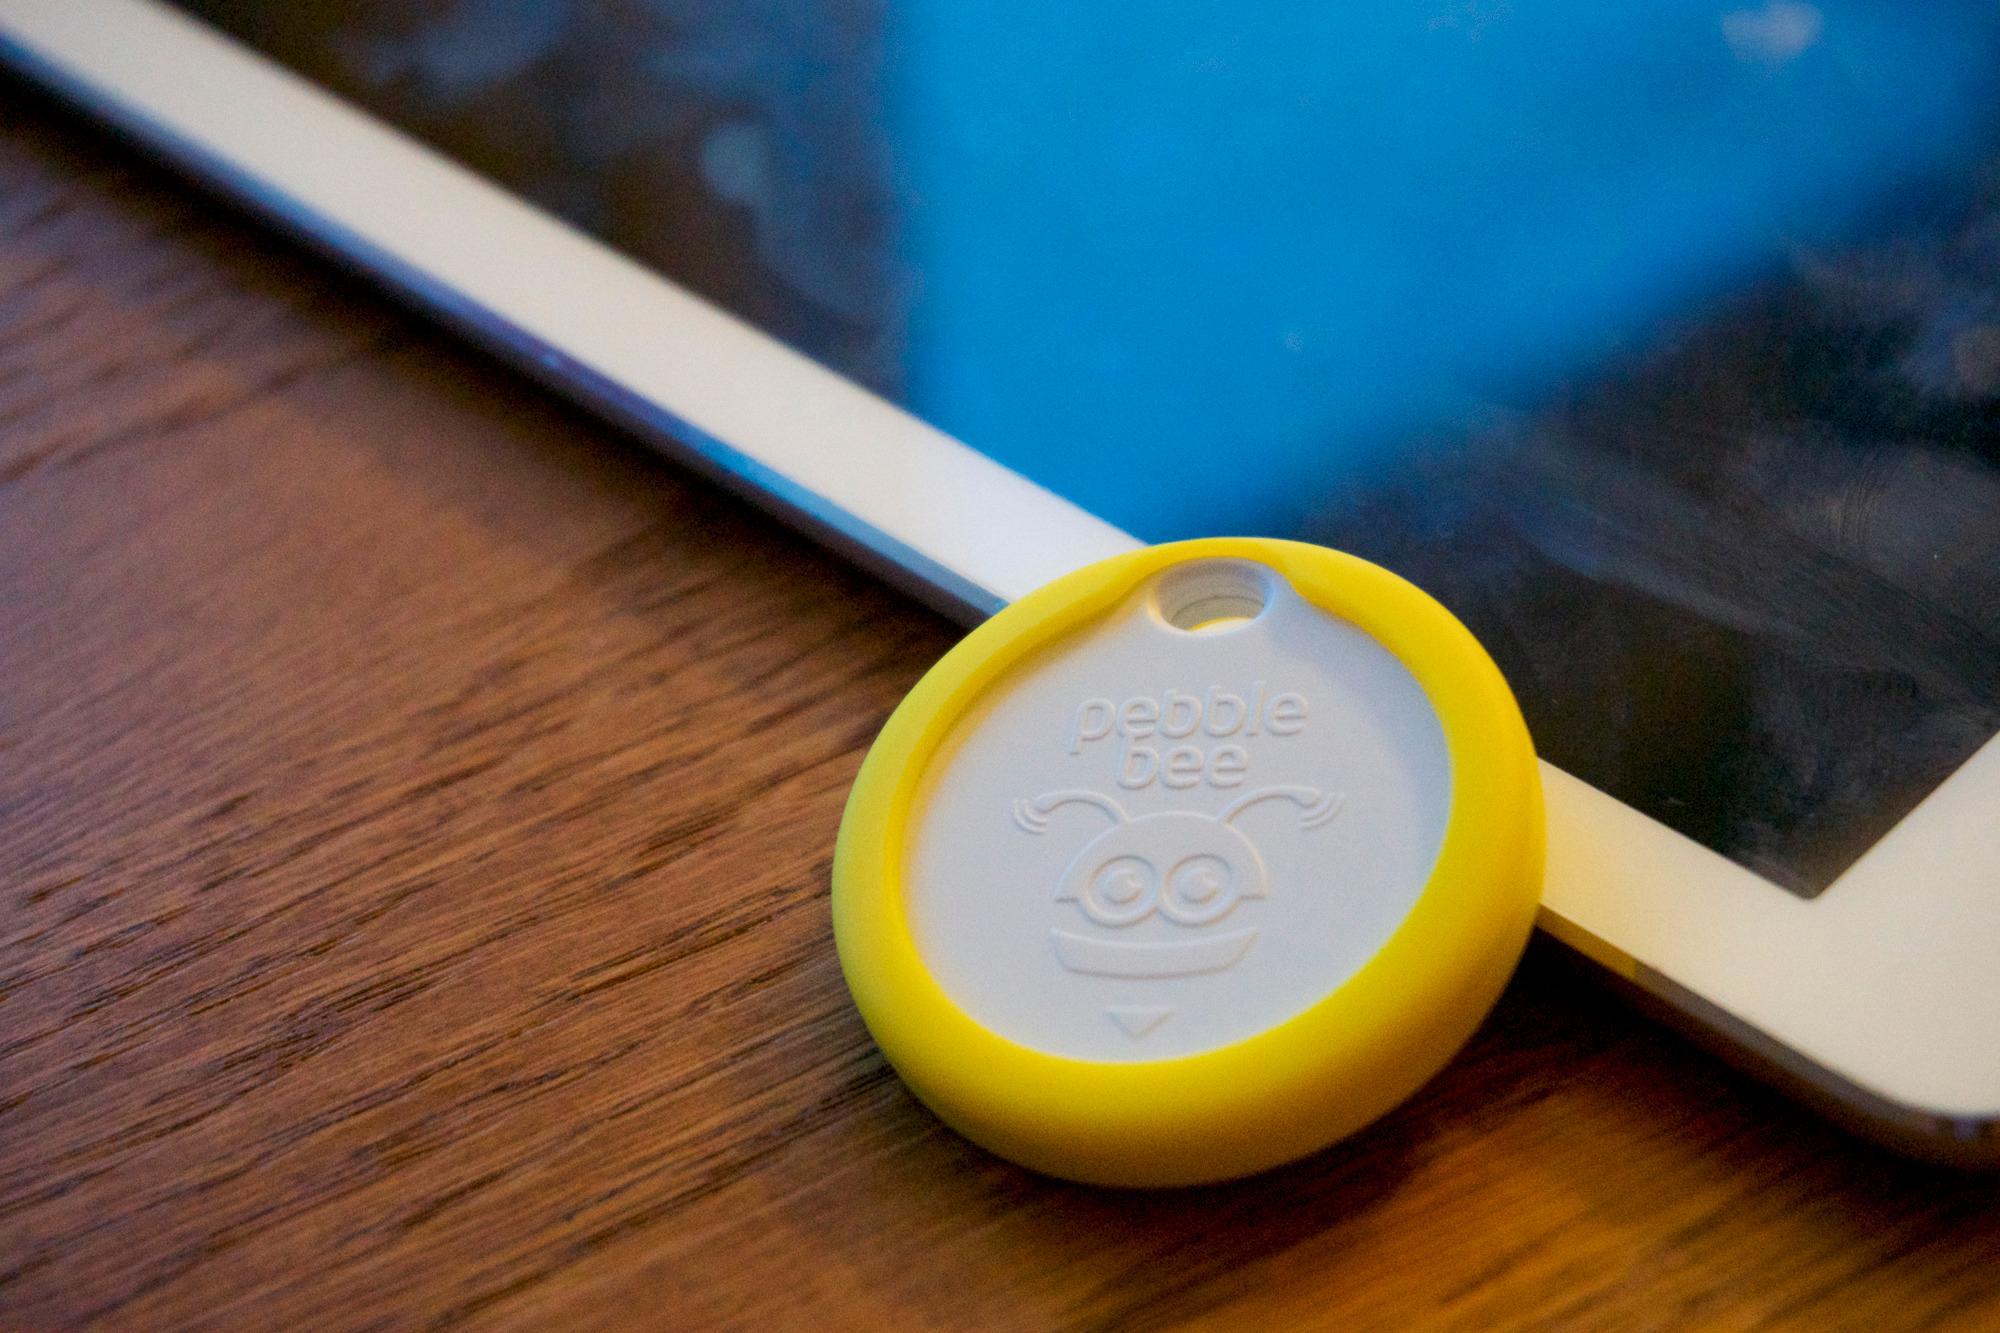 Pebblebee Honey er i utgangspunktet hvit, men kommer med fargerike gummideksler du kan feste rundt.